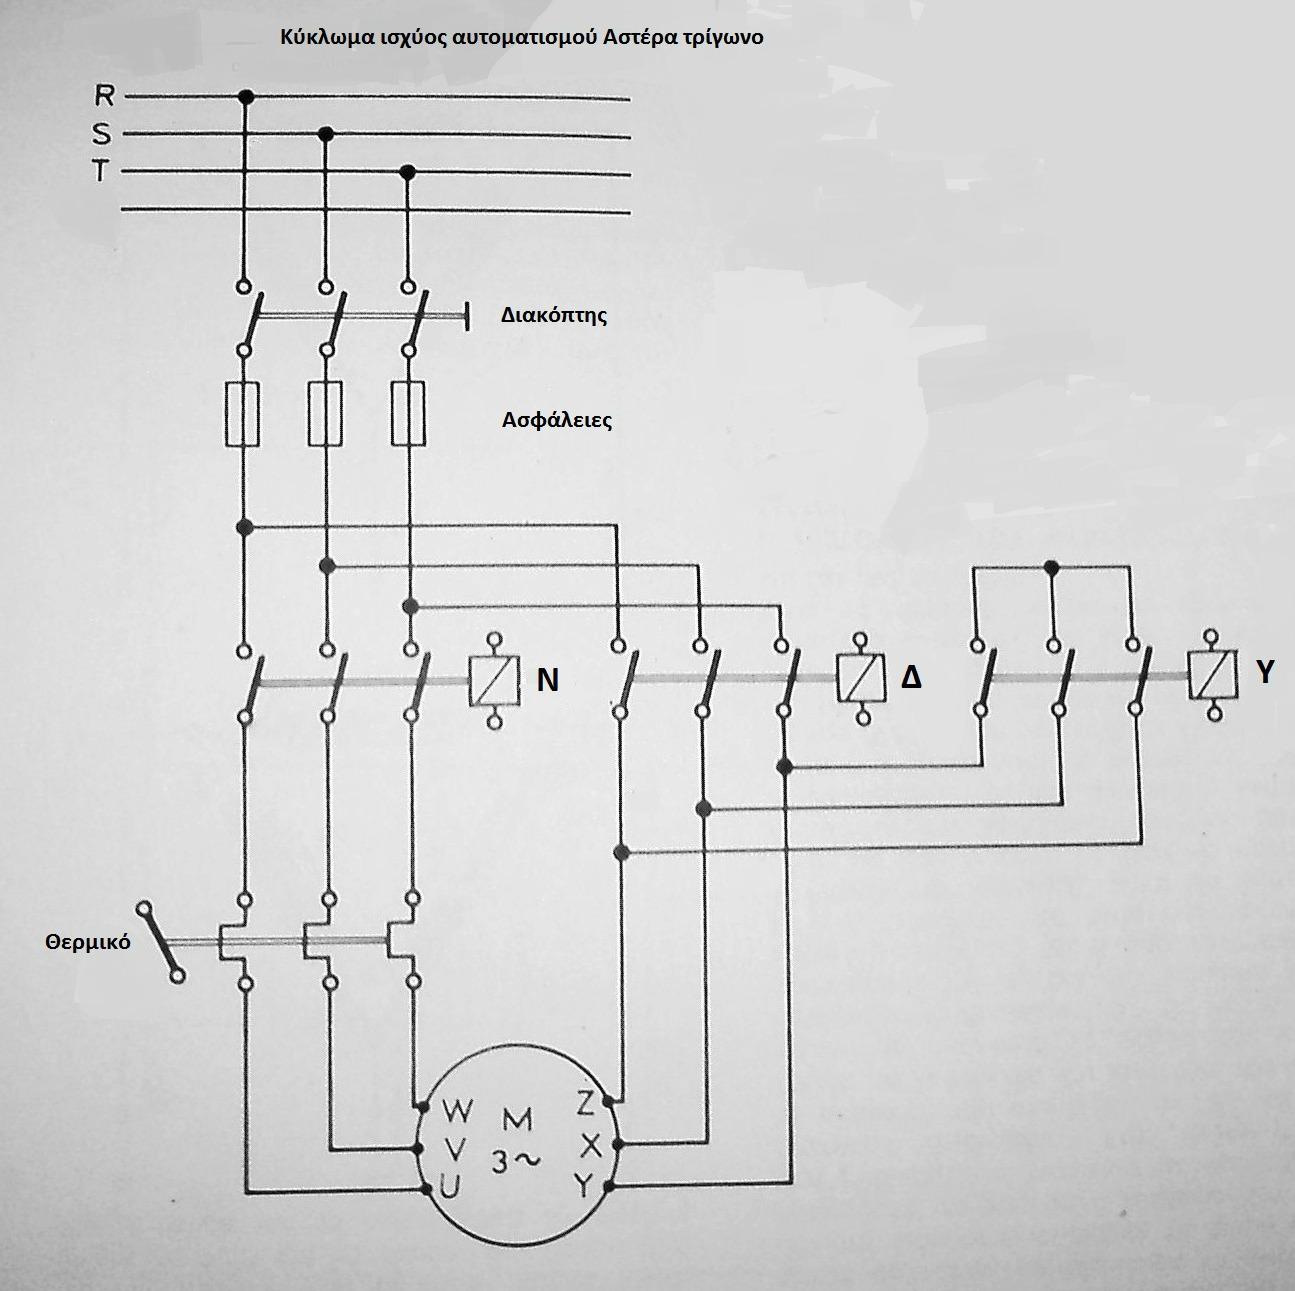 elektrotechniker elektrische schaltung ab drei phasen k figl ufermotoren mit stern dreieck. Black Bedroom Furniture Sets. Home Design Ideas